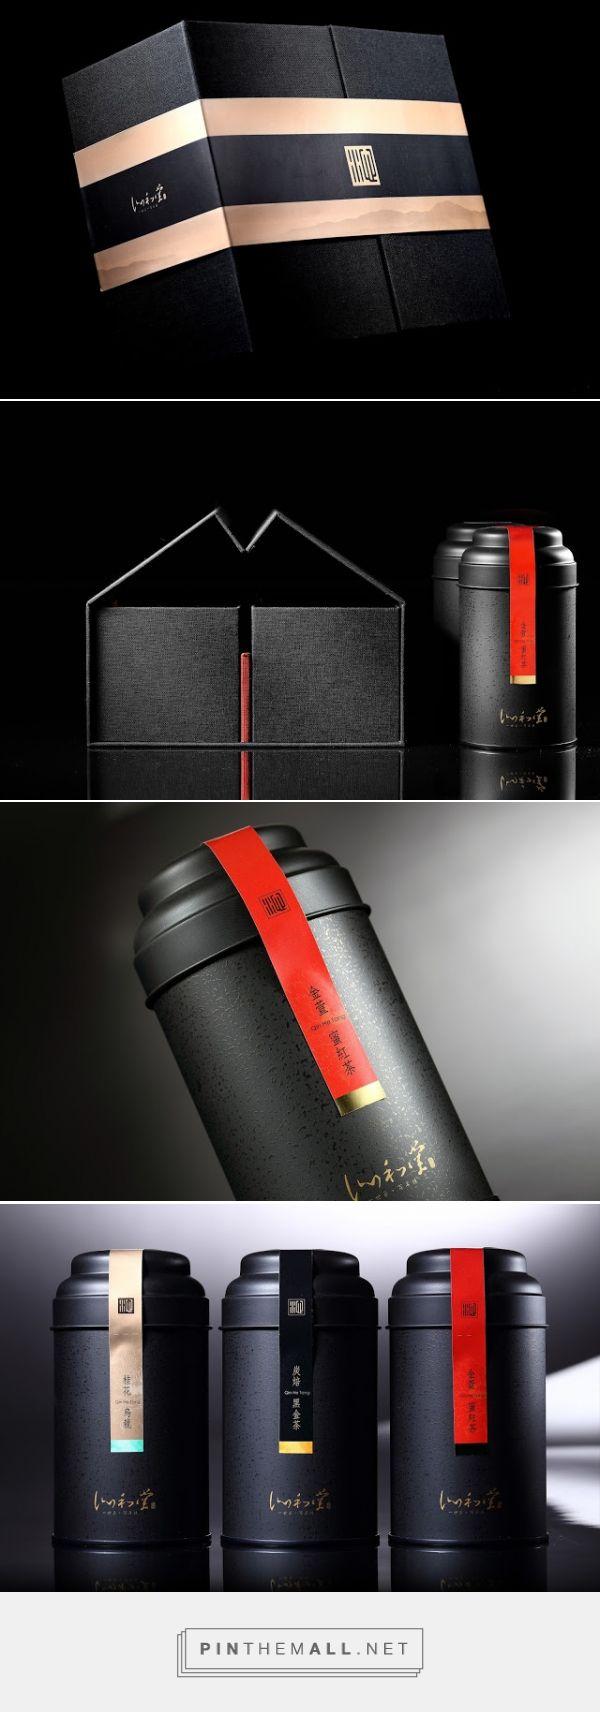 Qin Sheng Breeze Tea #packaging designed by 存在設計 a.design (Taiwan) - http://www.packagingoftheworld.com/2016/02/qin-sheng-breeze.html